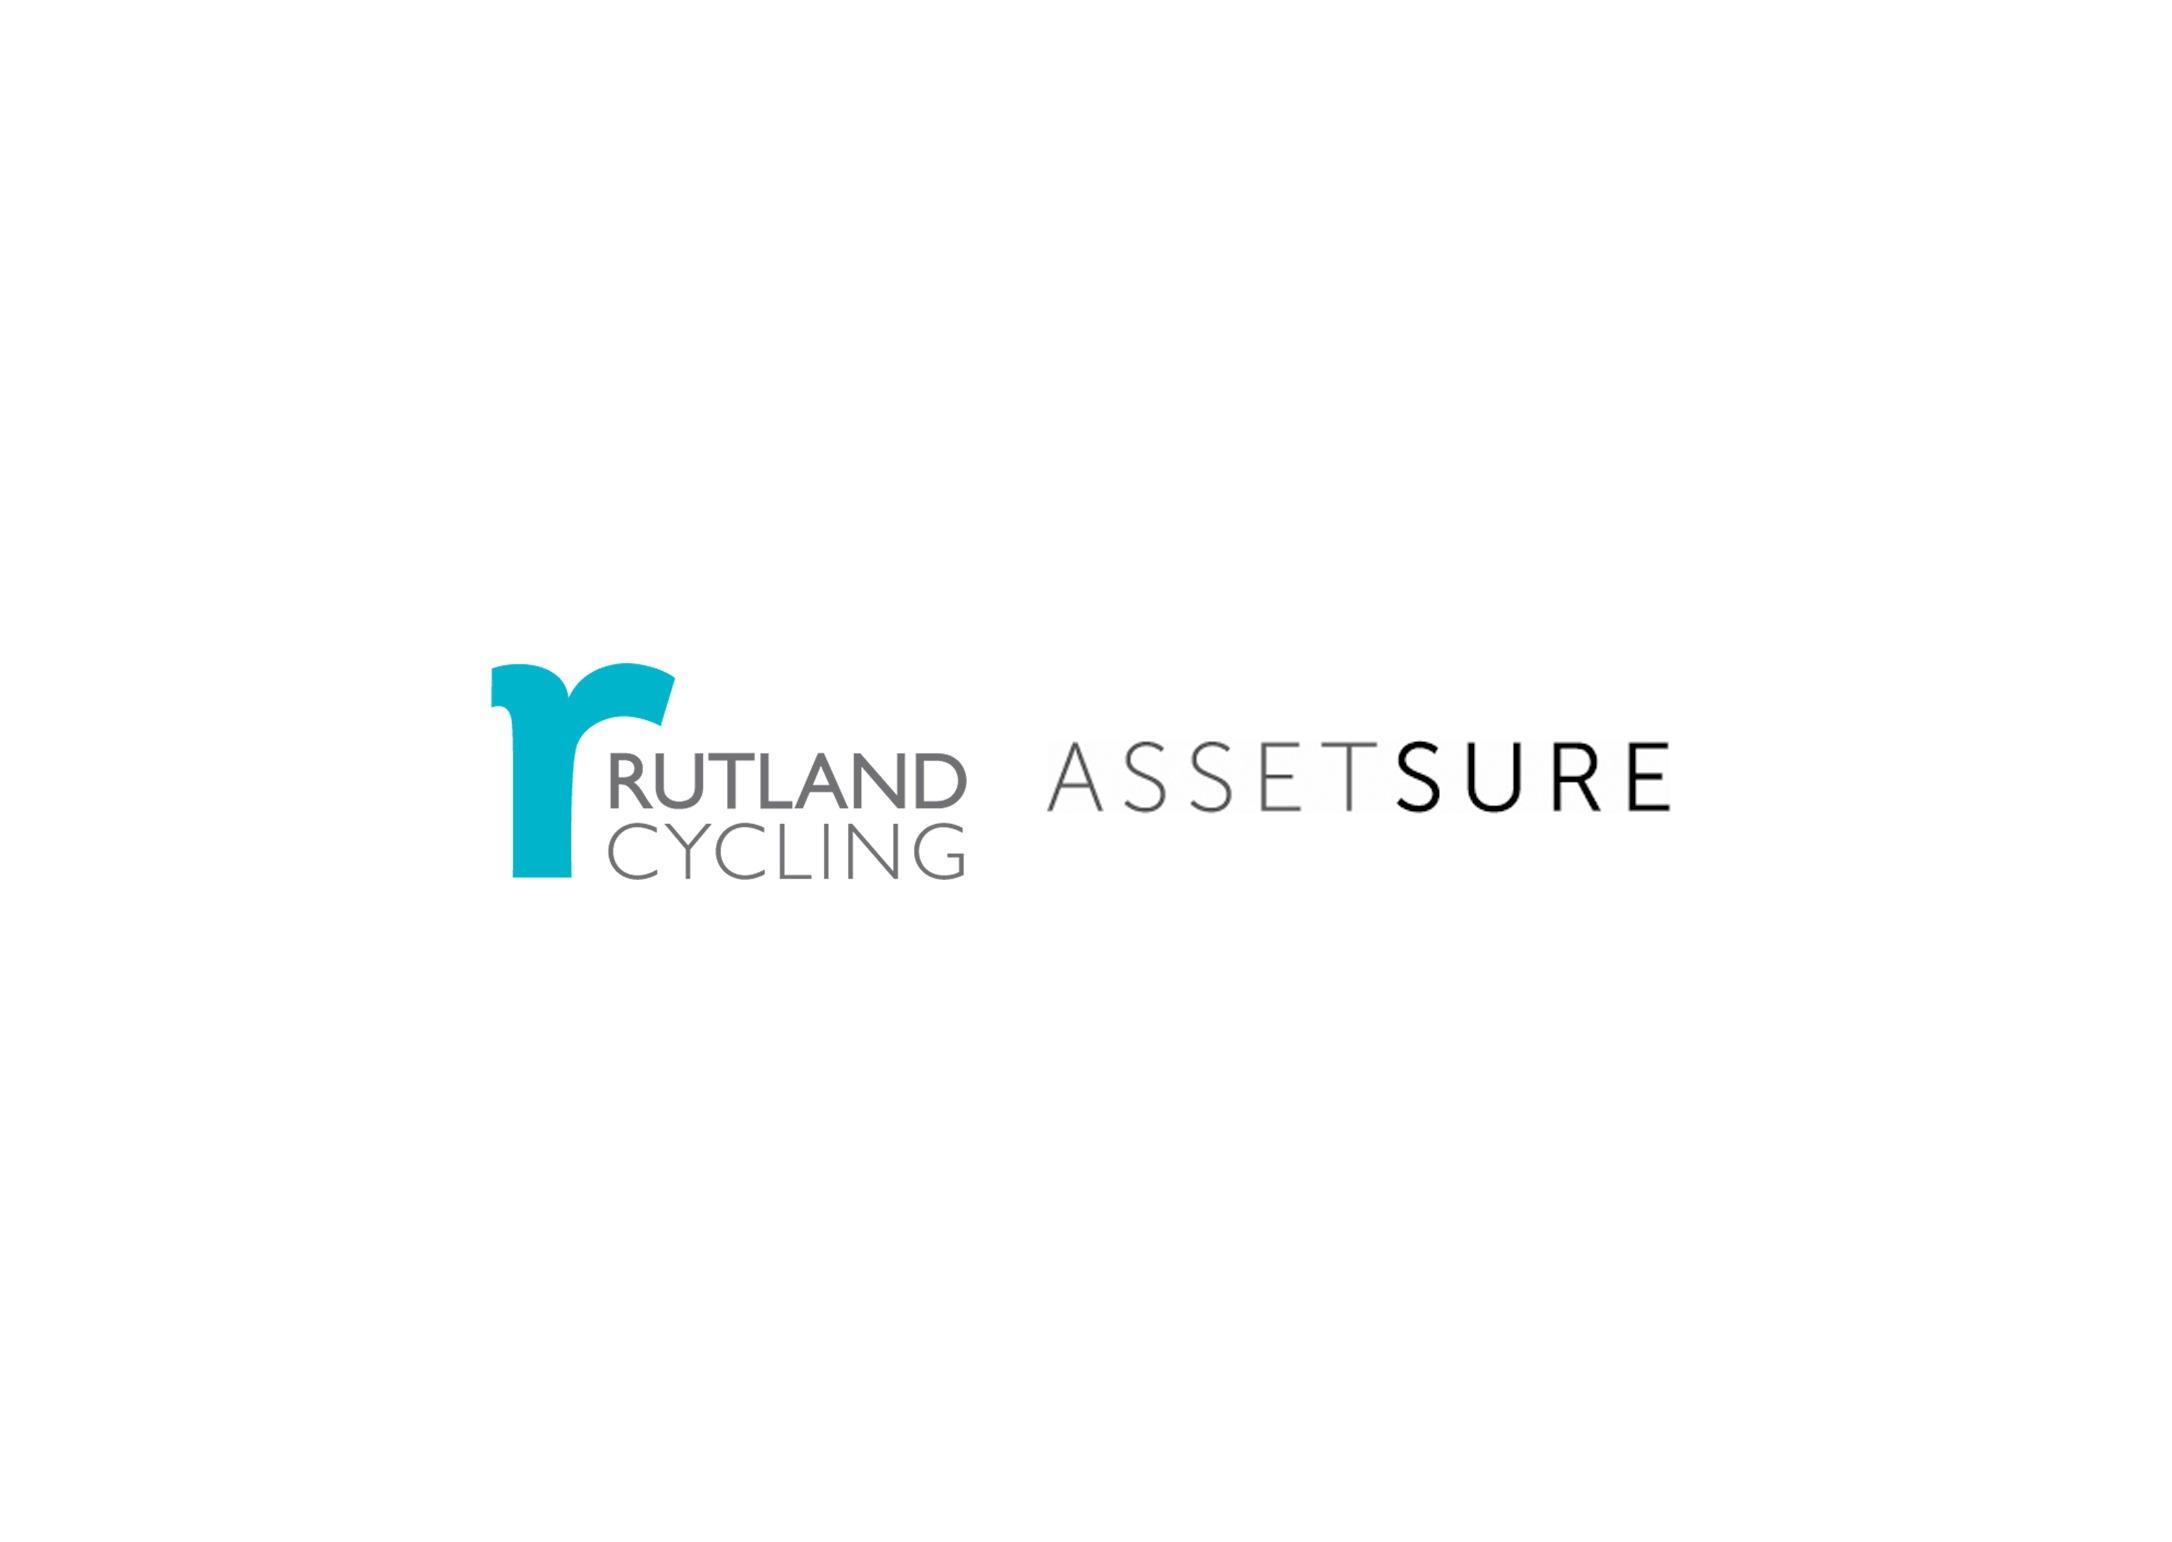 rutlandcycling-assetsure